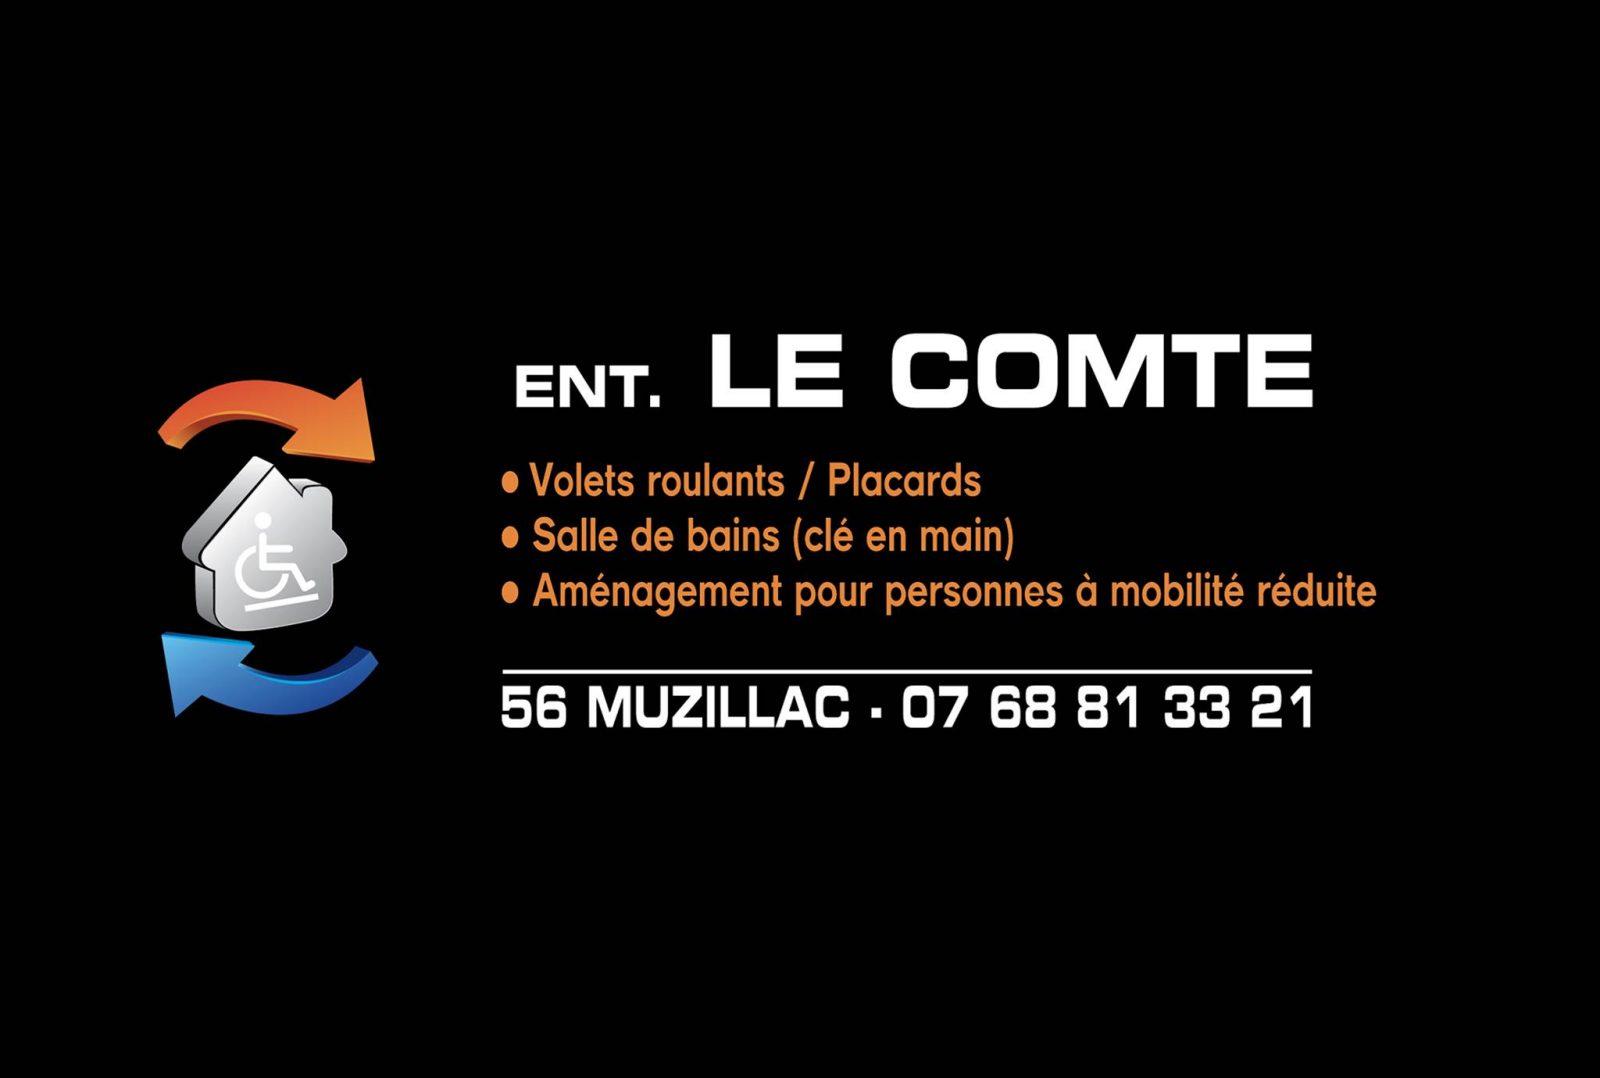 Entreprise Le Comte Muzillac Morbihan